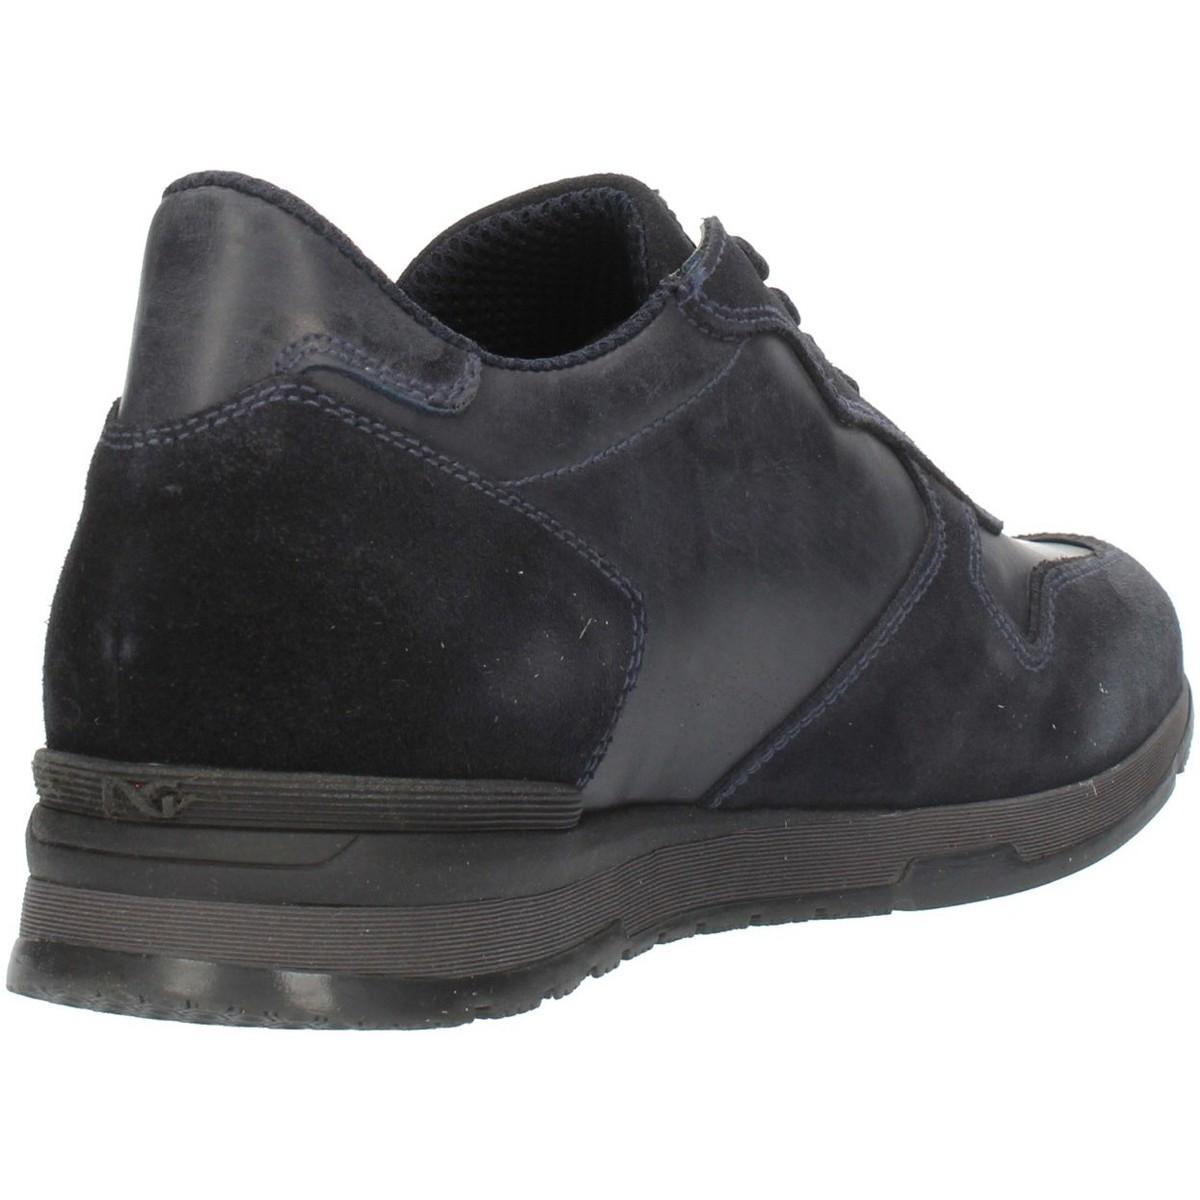 A800460U Chaussures Nero Giardini pour homme en coloris Bleu